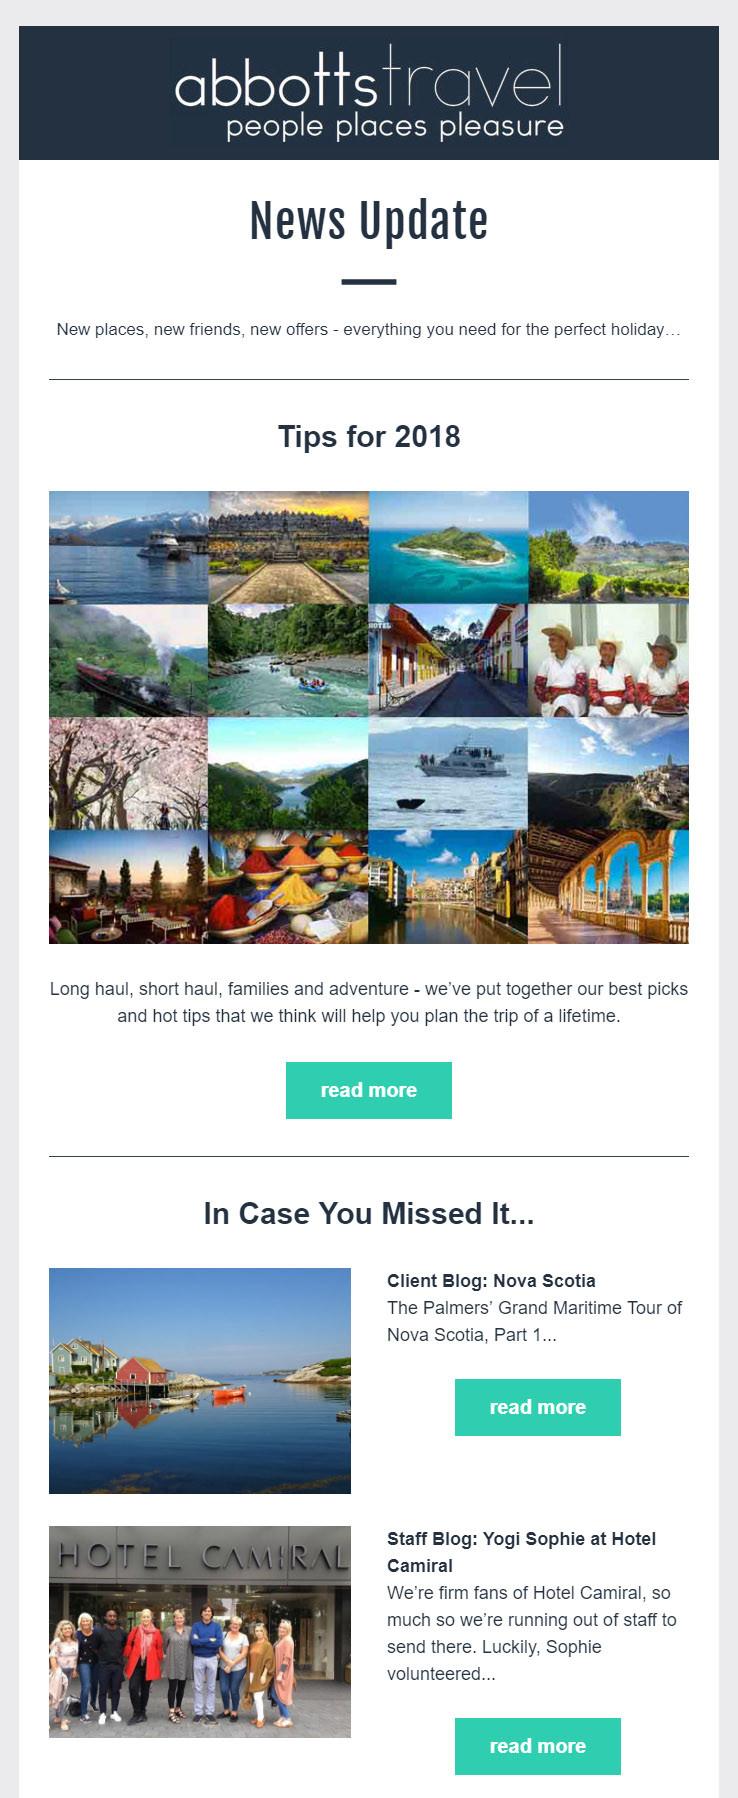 Abbotts Travel - July 2017 Newsletter